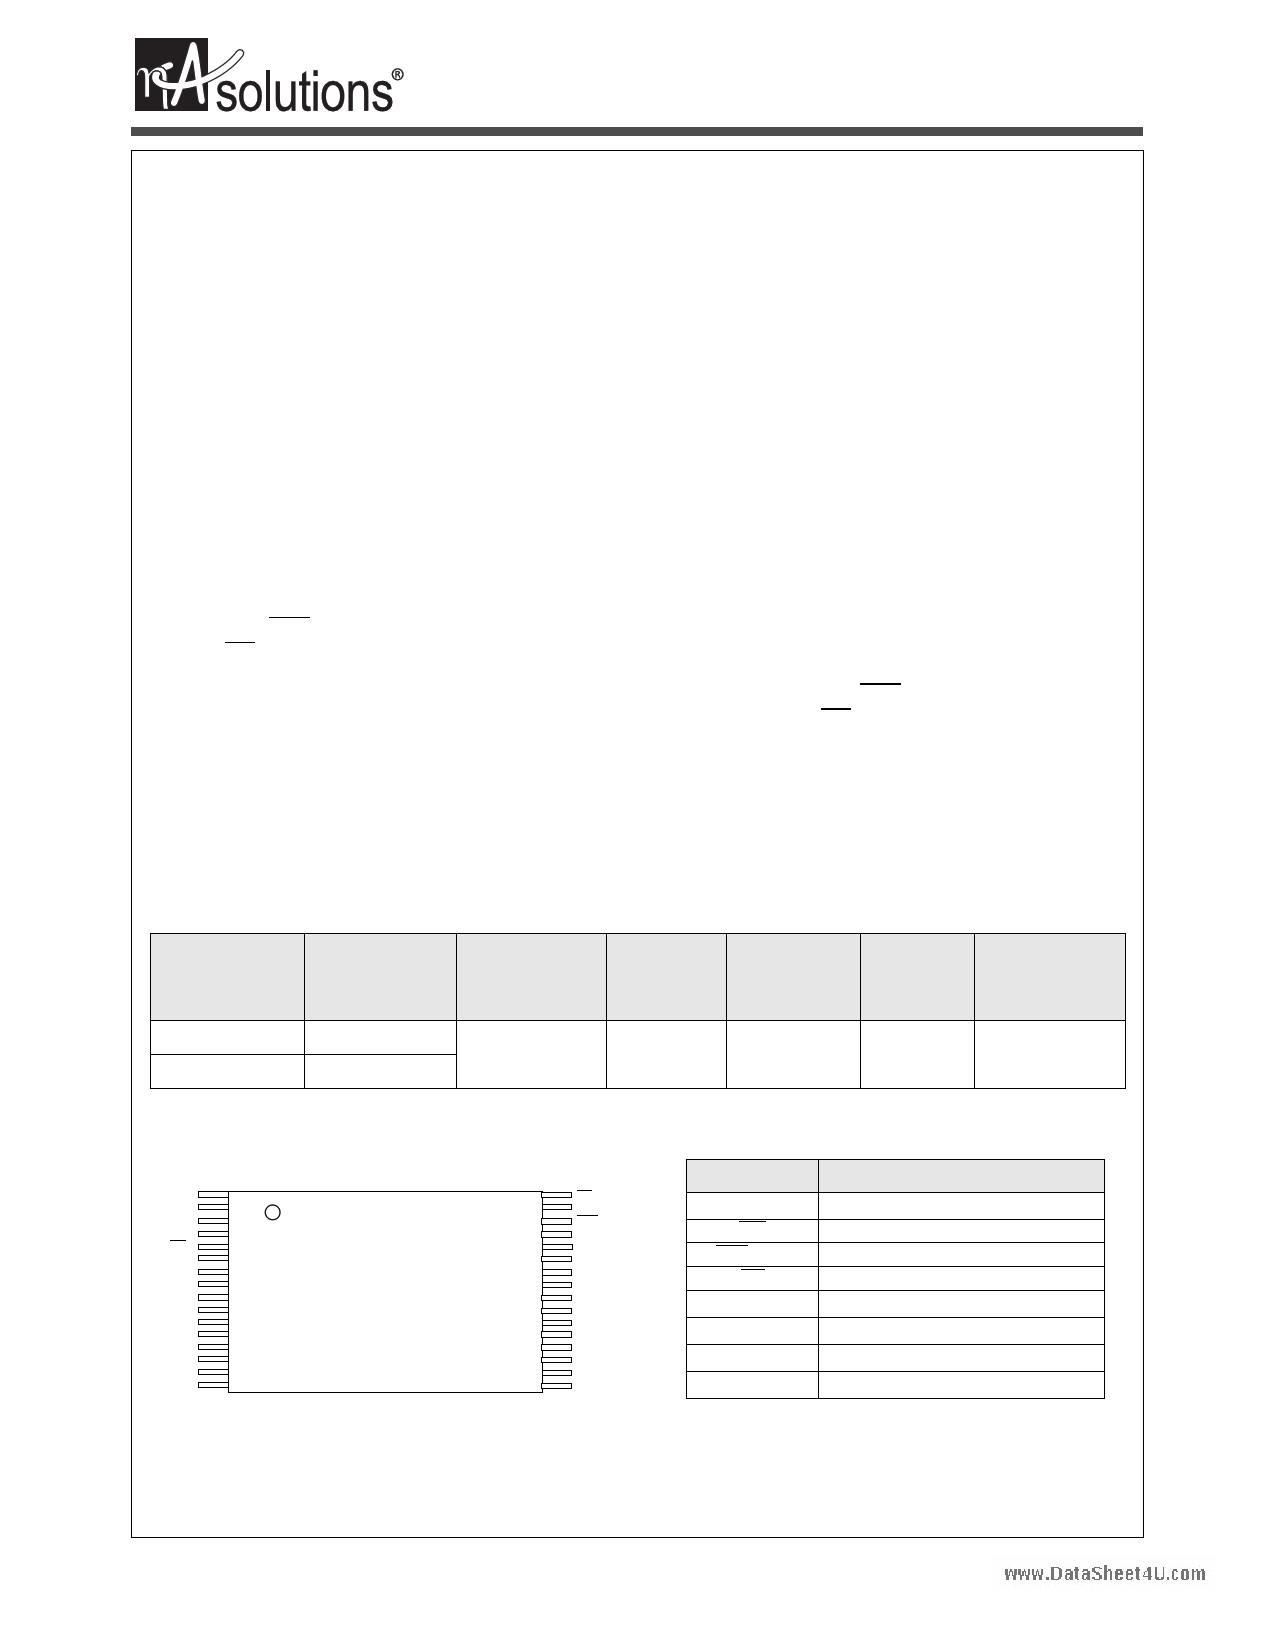 N01M0818L1A datasheet